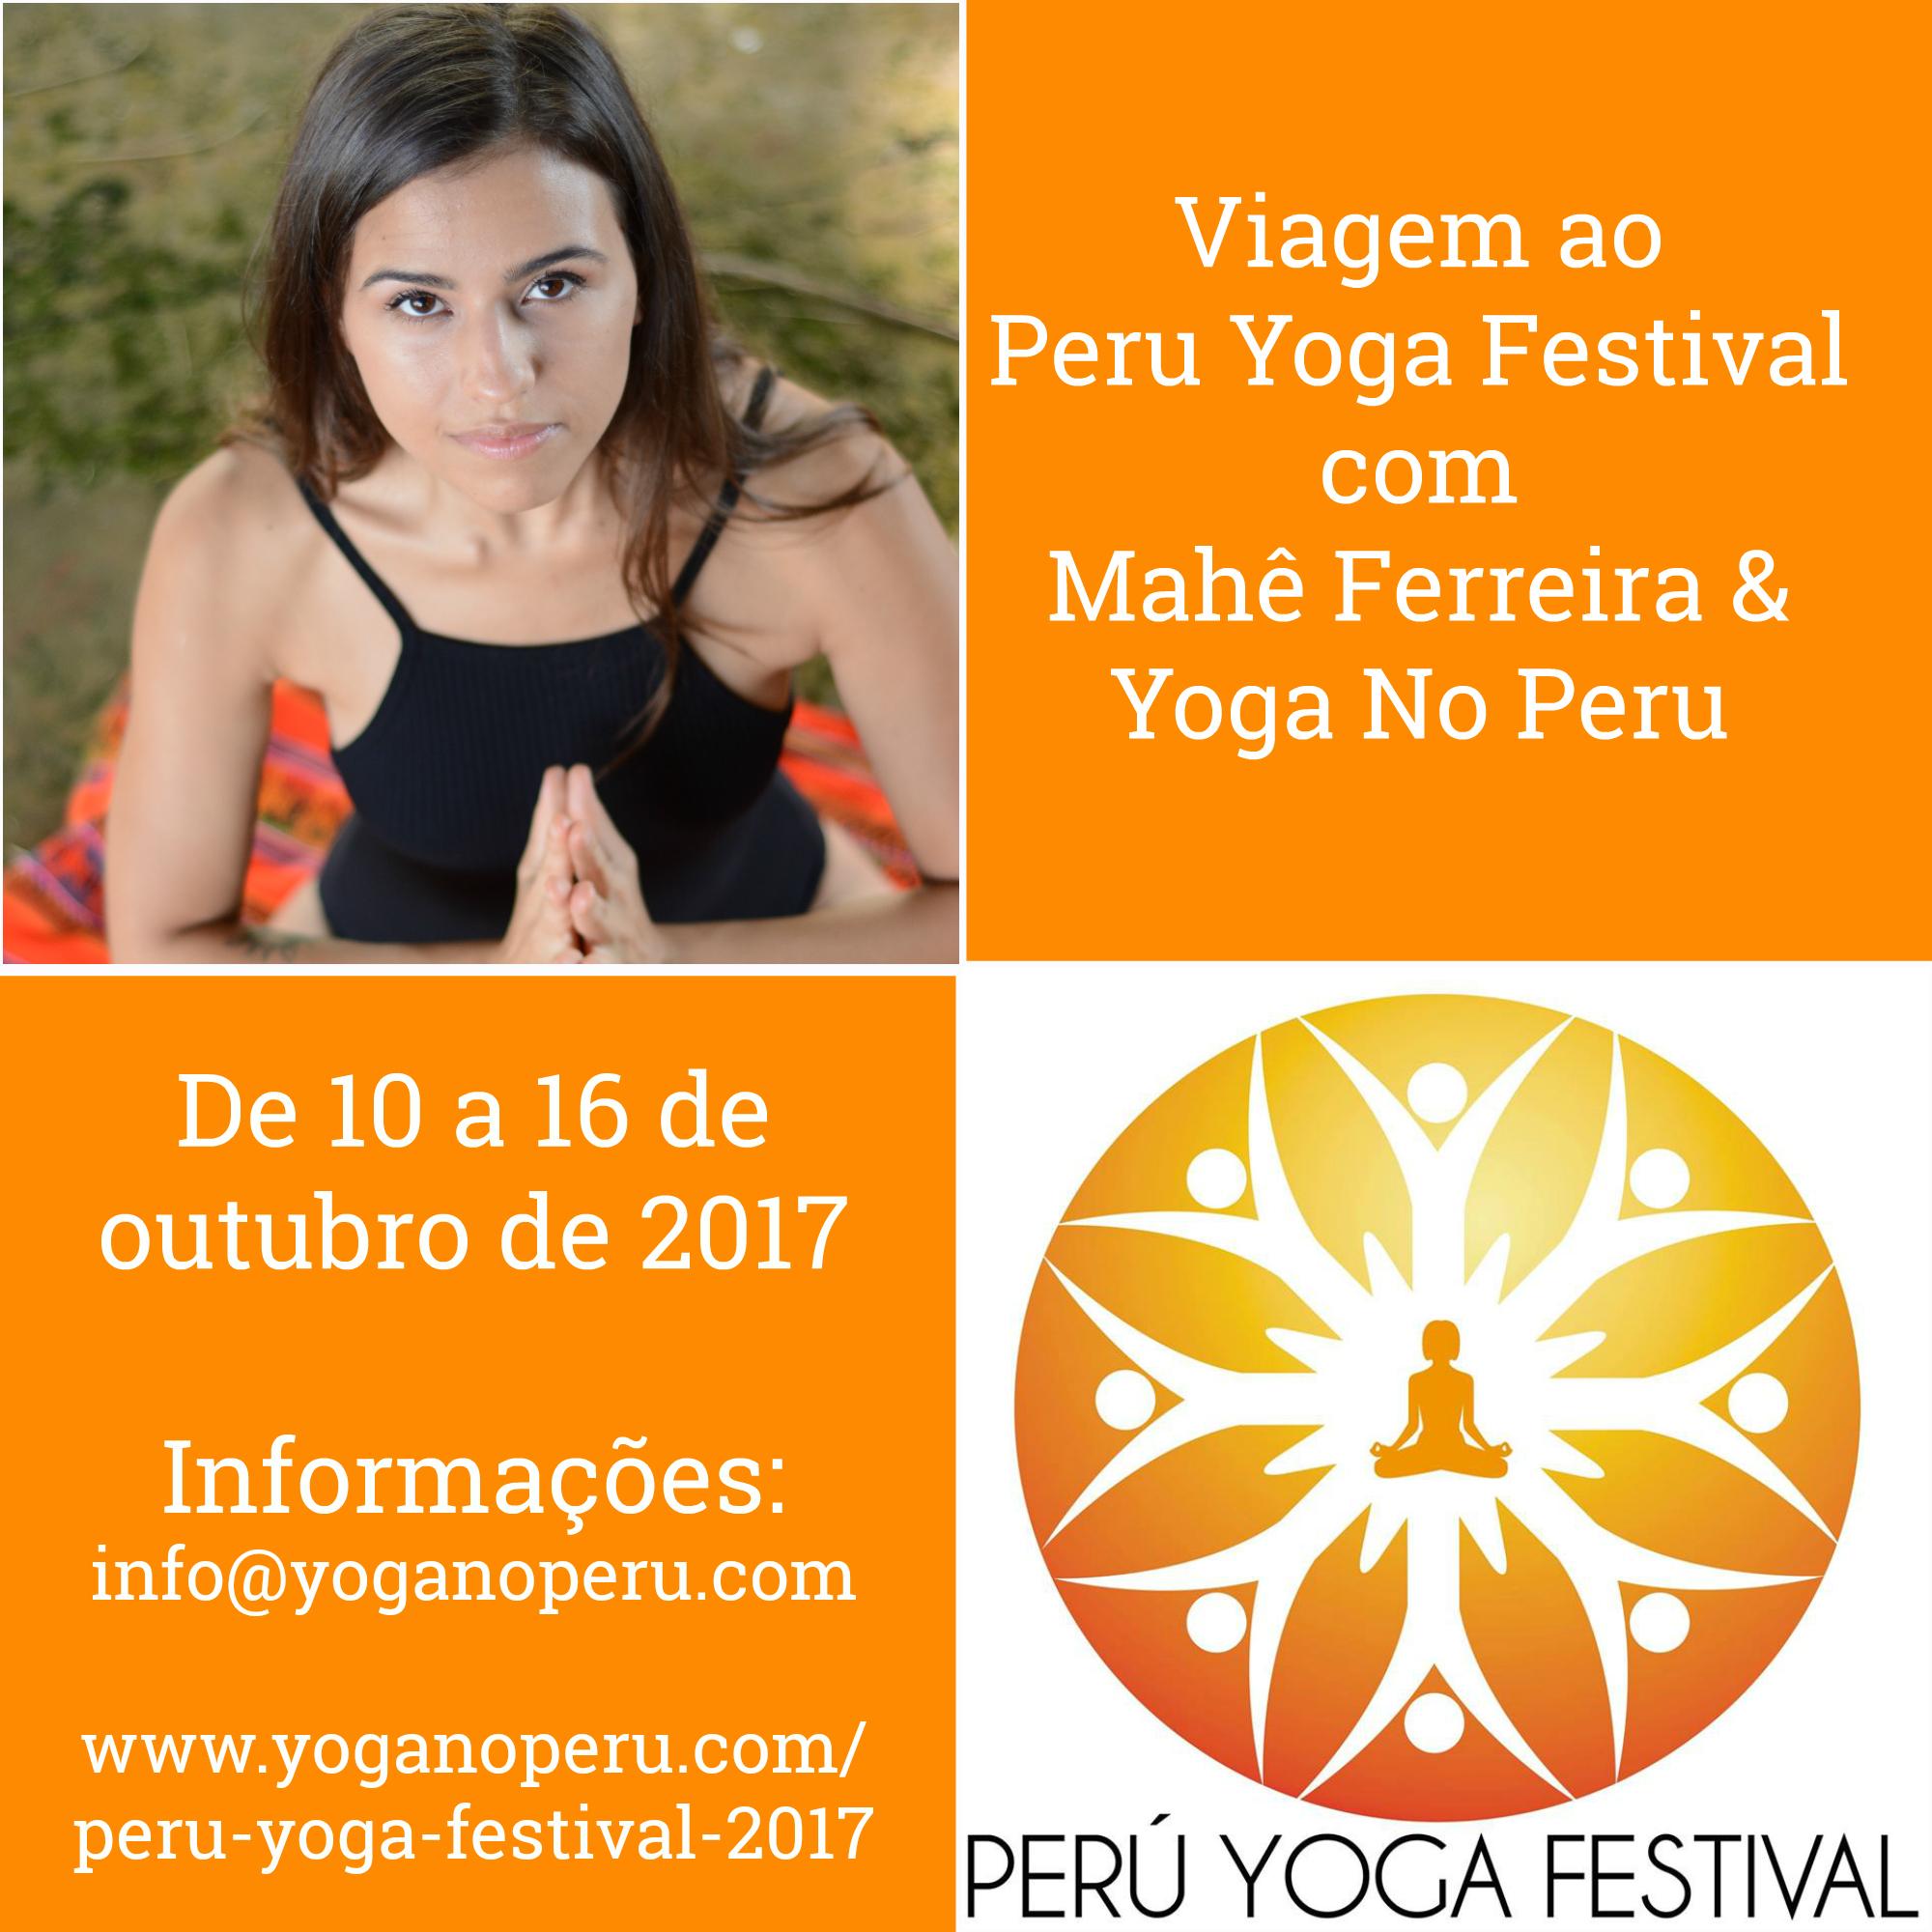 flyer peru yoga festival 2017.jpg